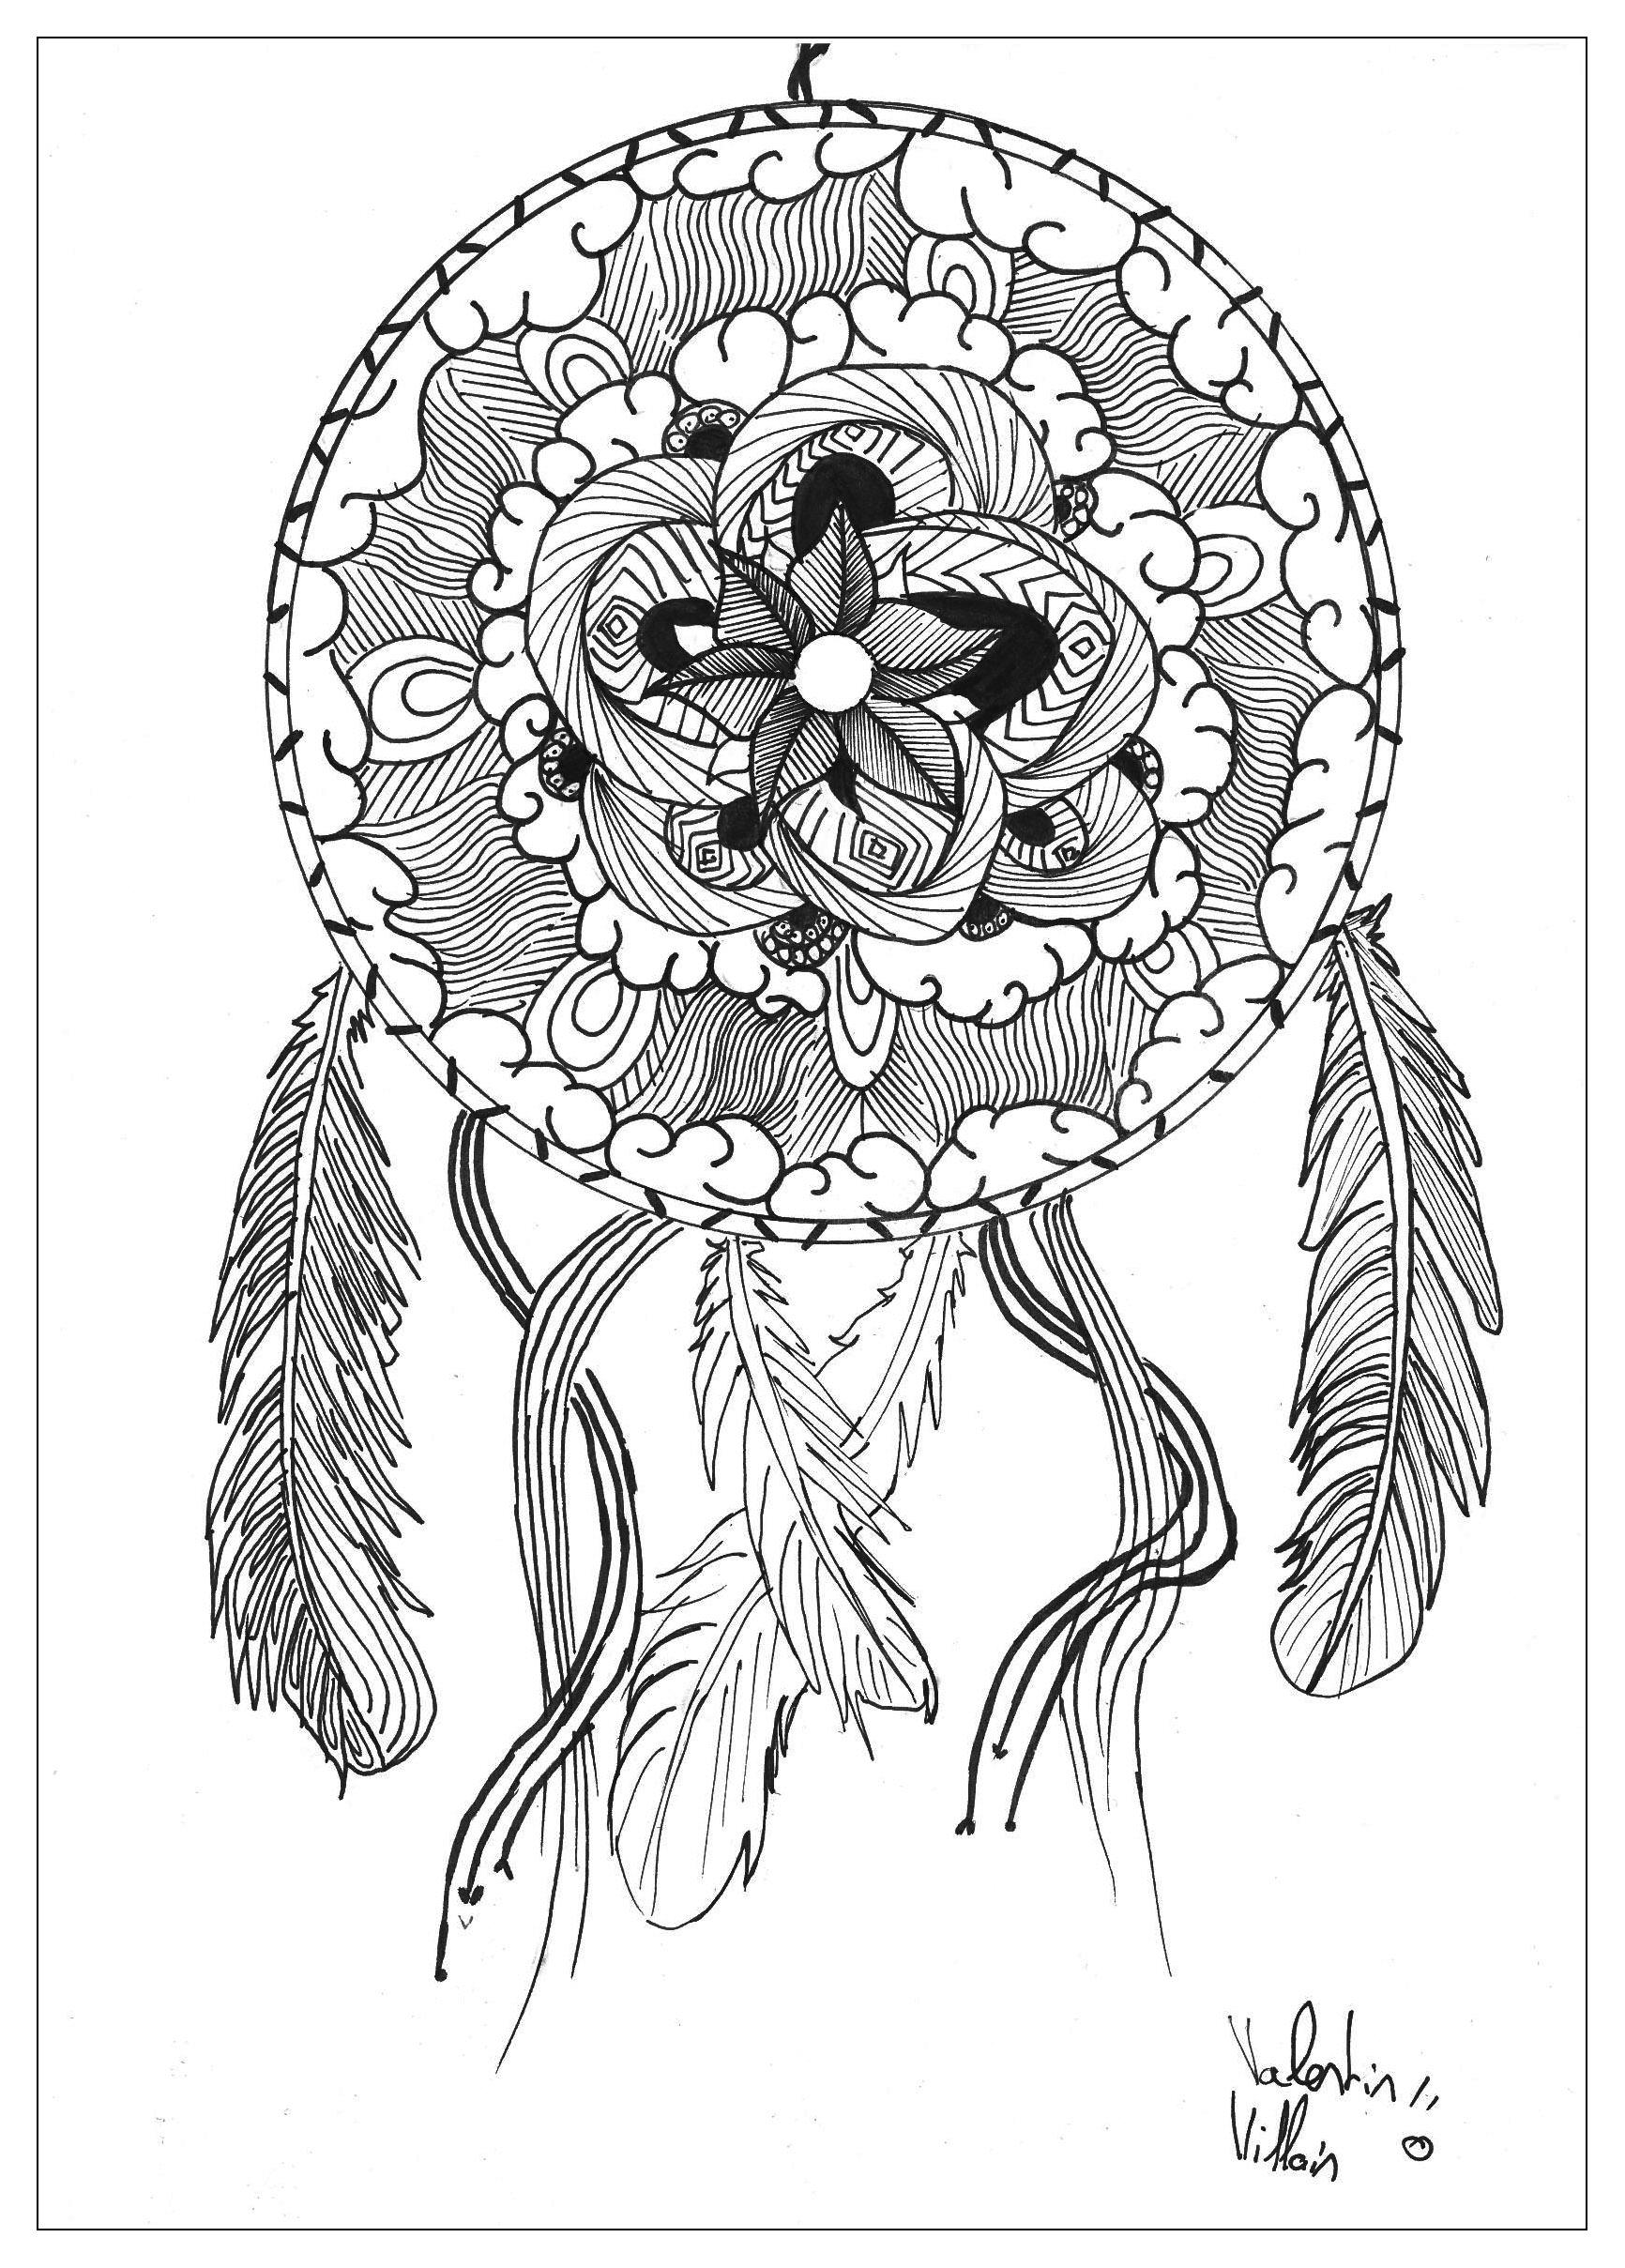 Disegni da colorare per adulti : Mandalas - 123